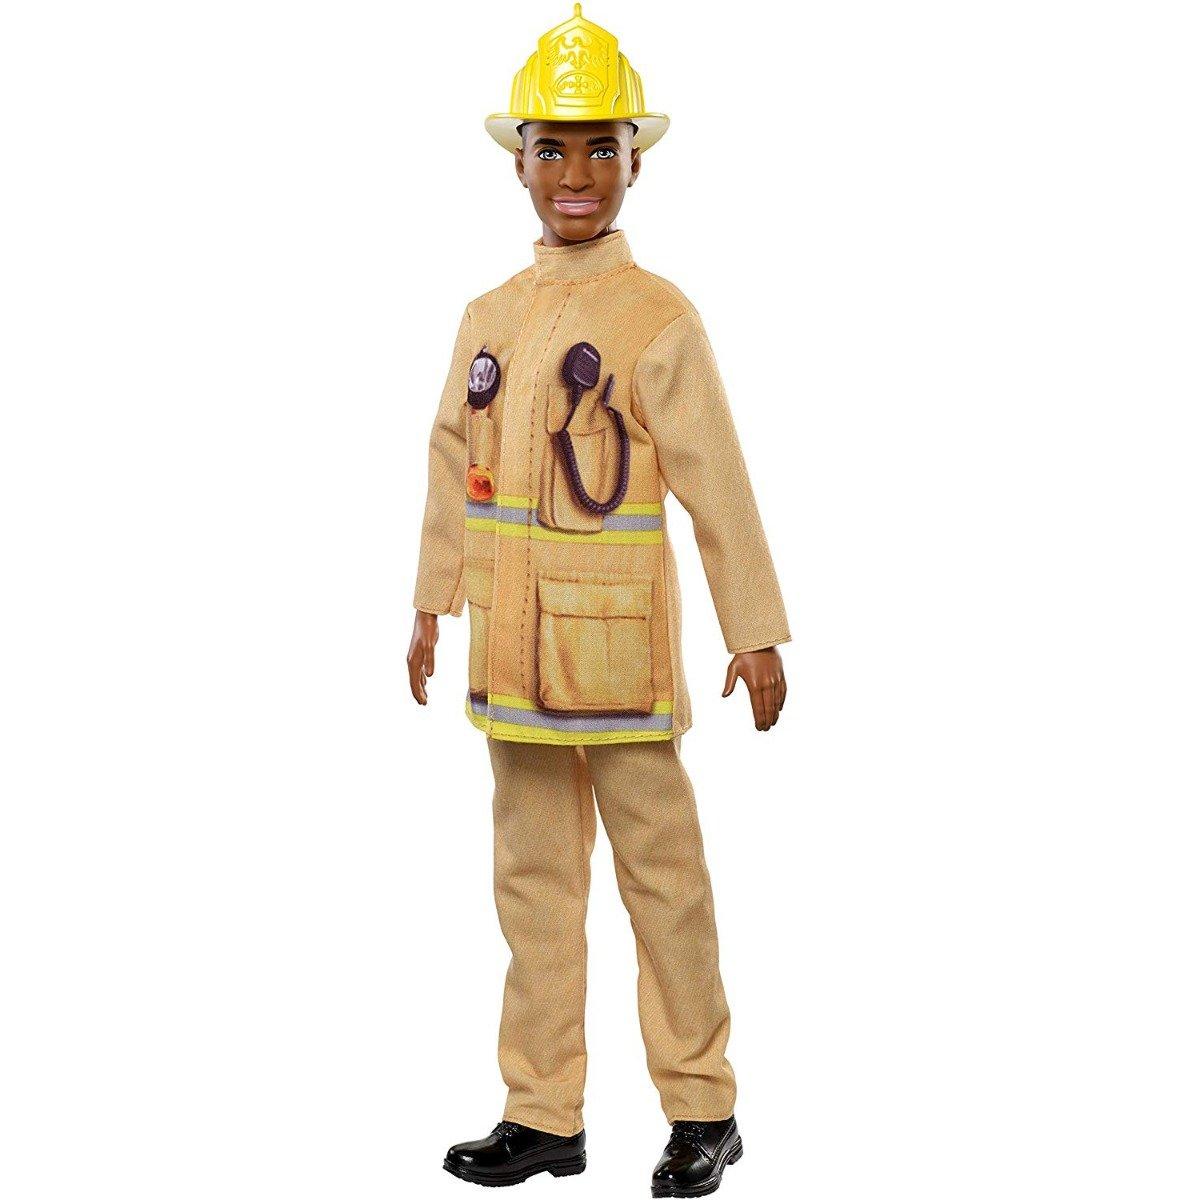 Papusa Barbie - Ken pompier, FXP05 imagine 2021